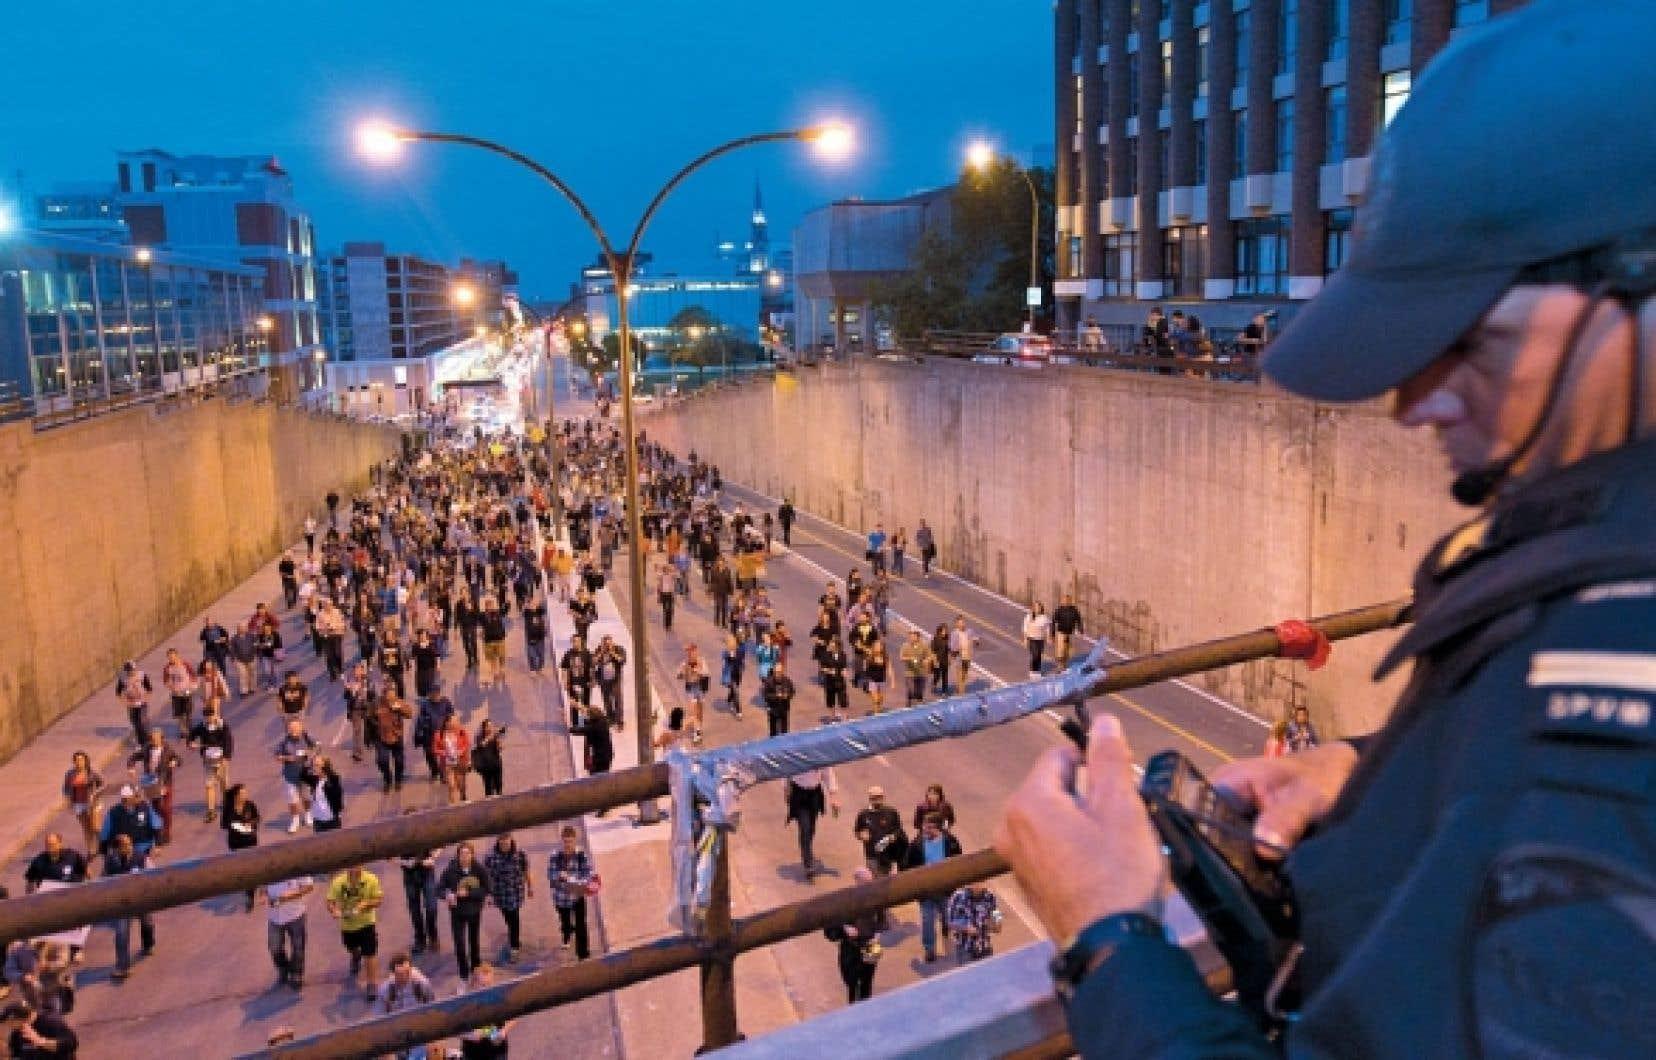 La 34e manifestation nocturne à se tenir à Montréal a une fois de plus été rapidement déclarée illégale par les policiers.